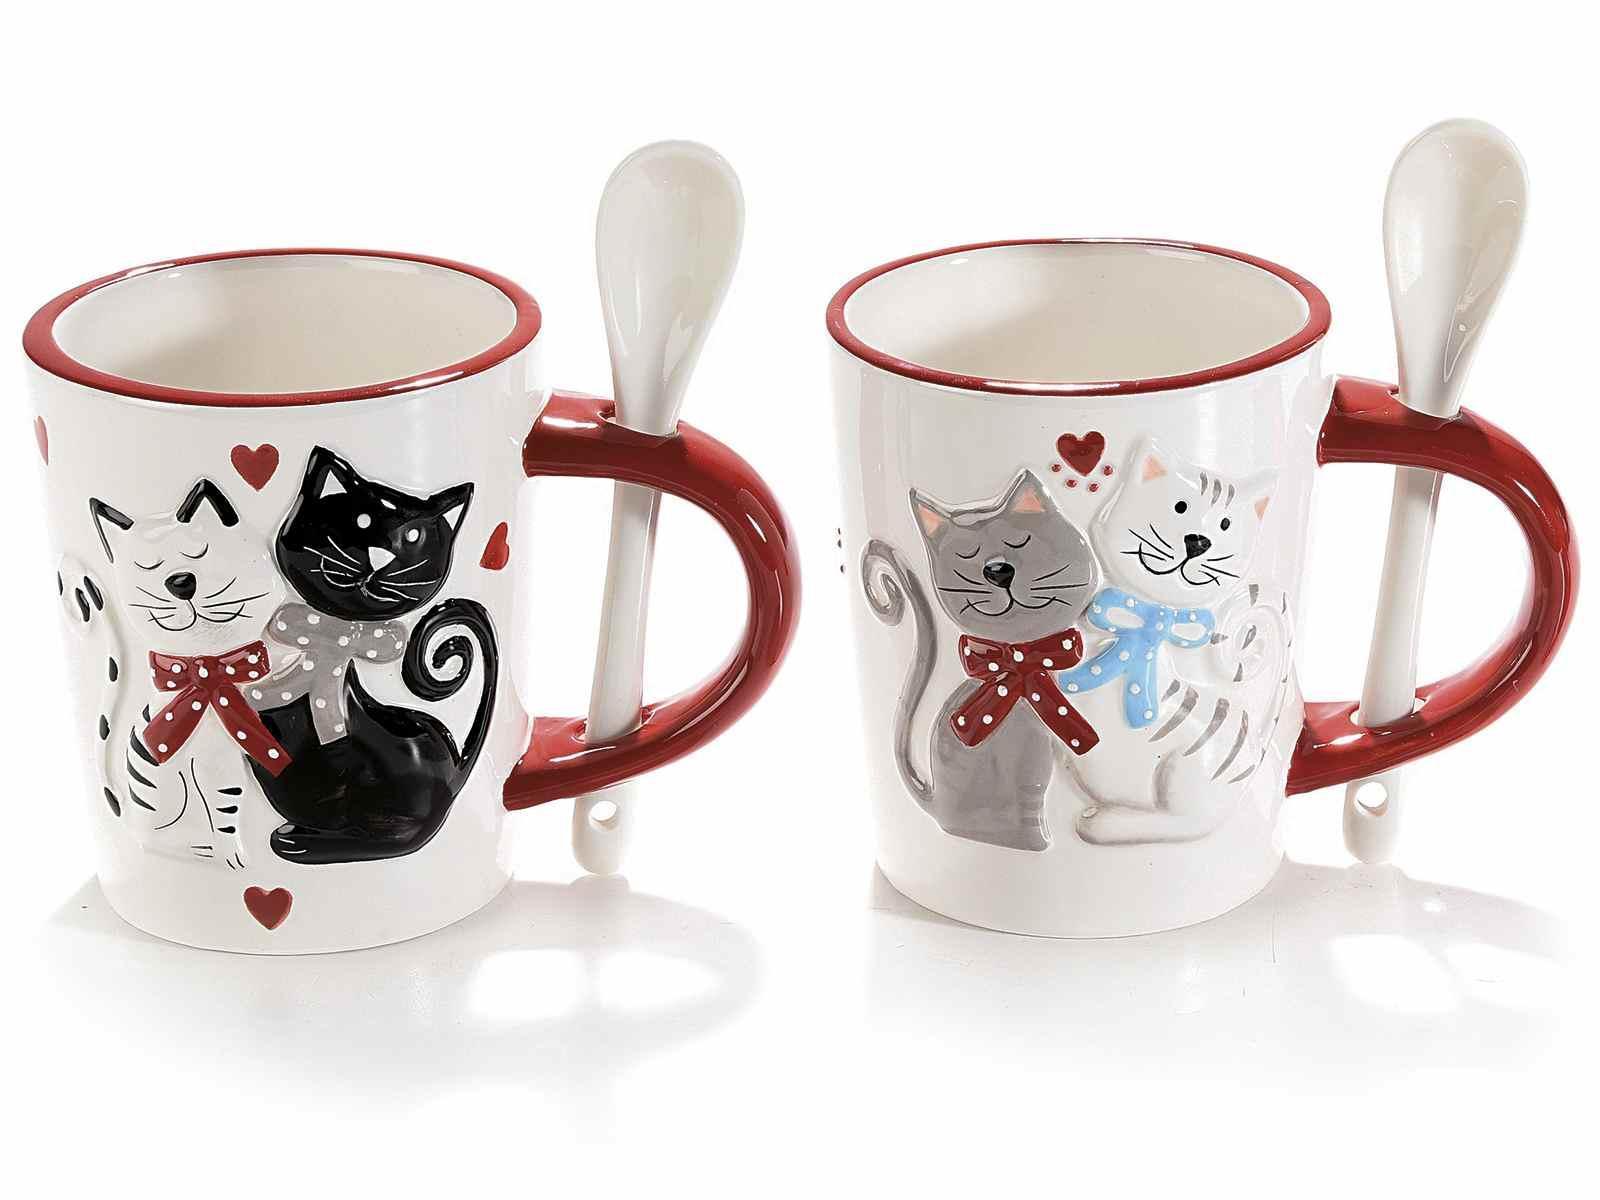 Tazza Cucchiaino Gatti Bianco e Nero